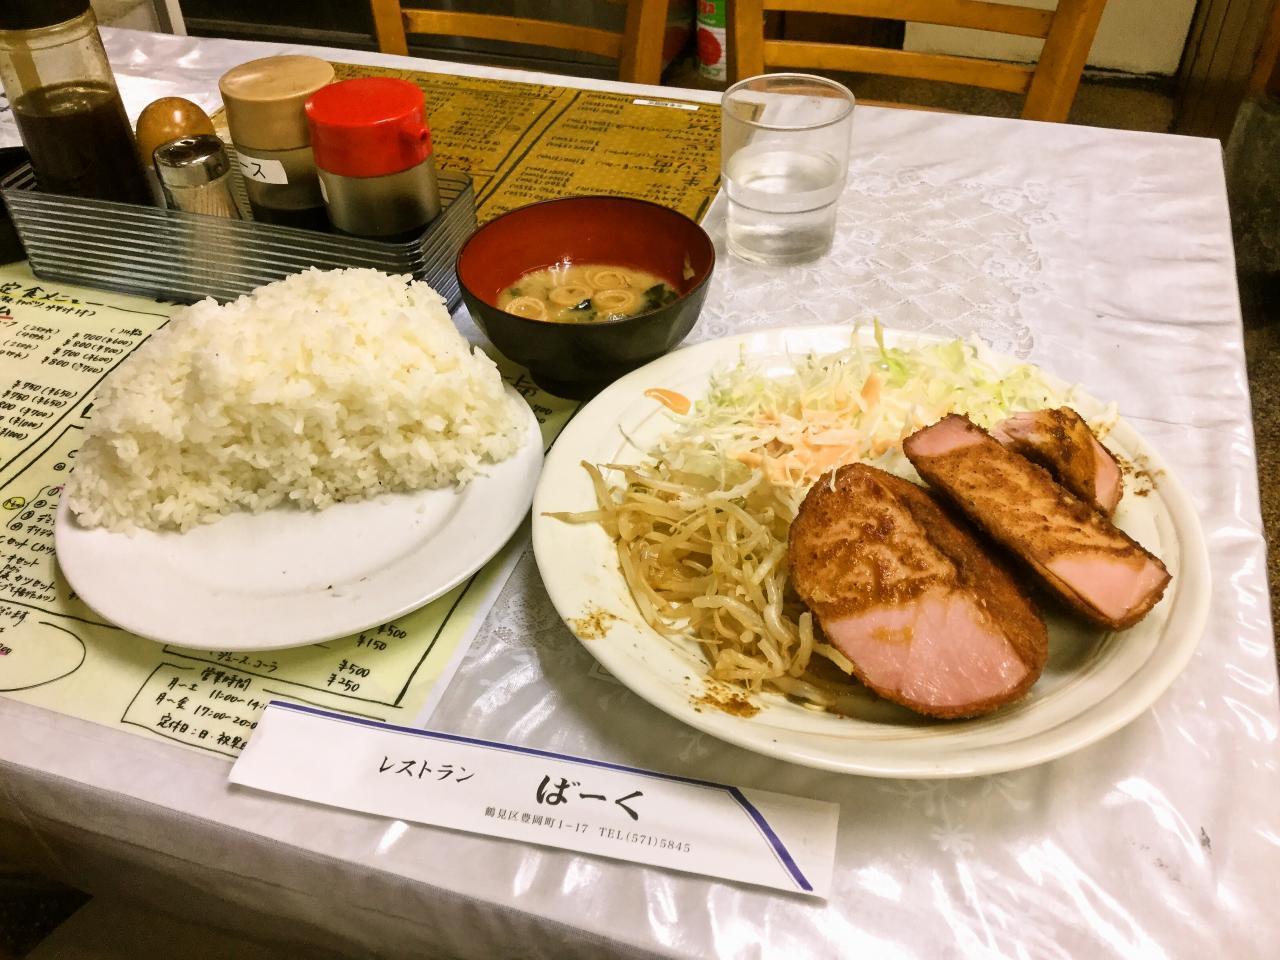 レストランばーく(ハムカツ)